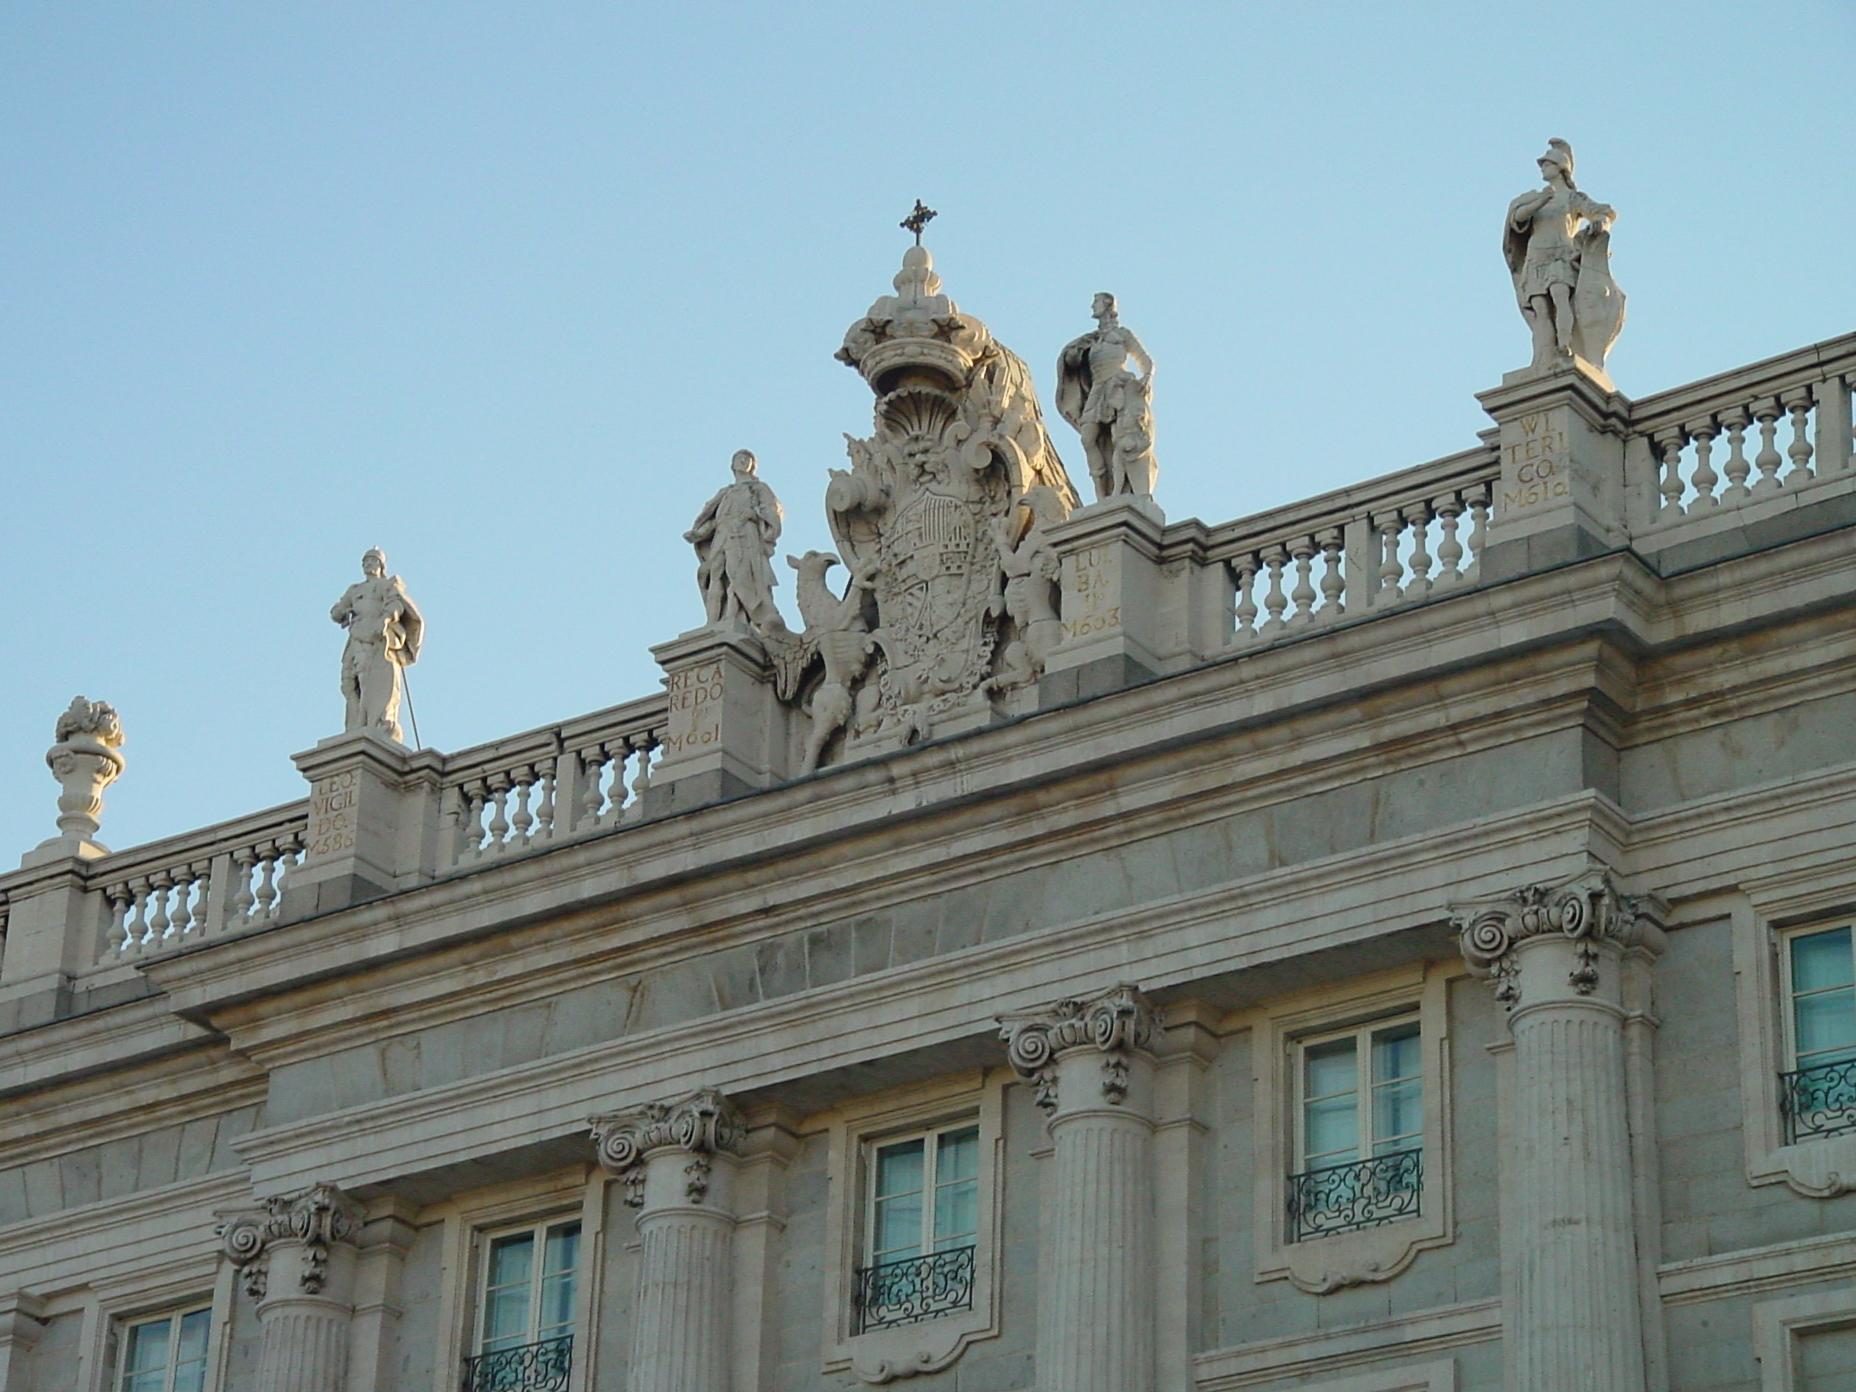 Detalle del Palacio Real de Madrid